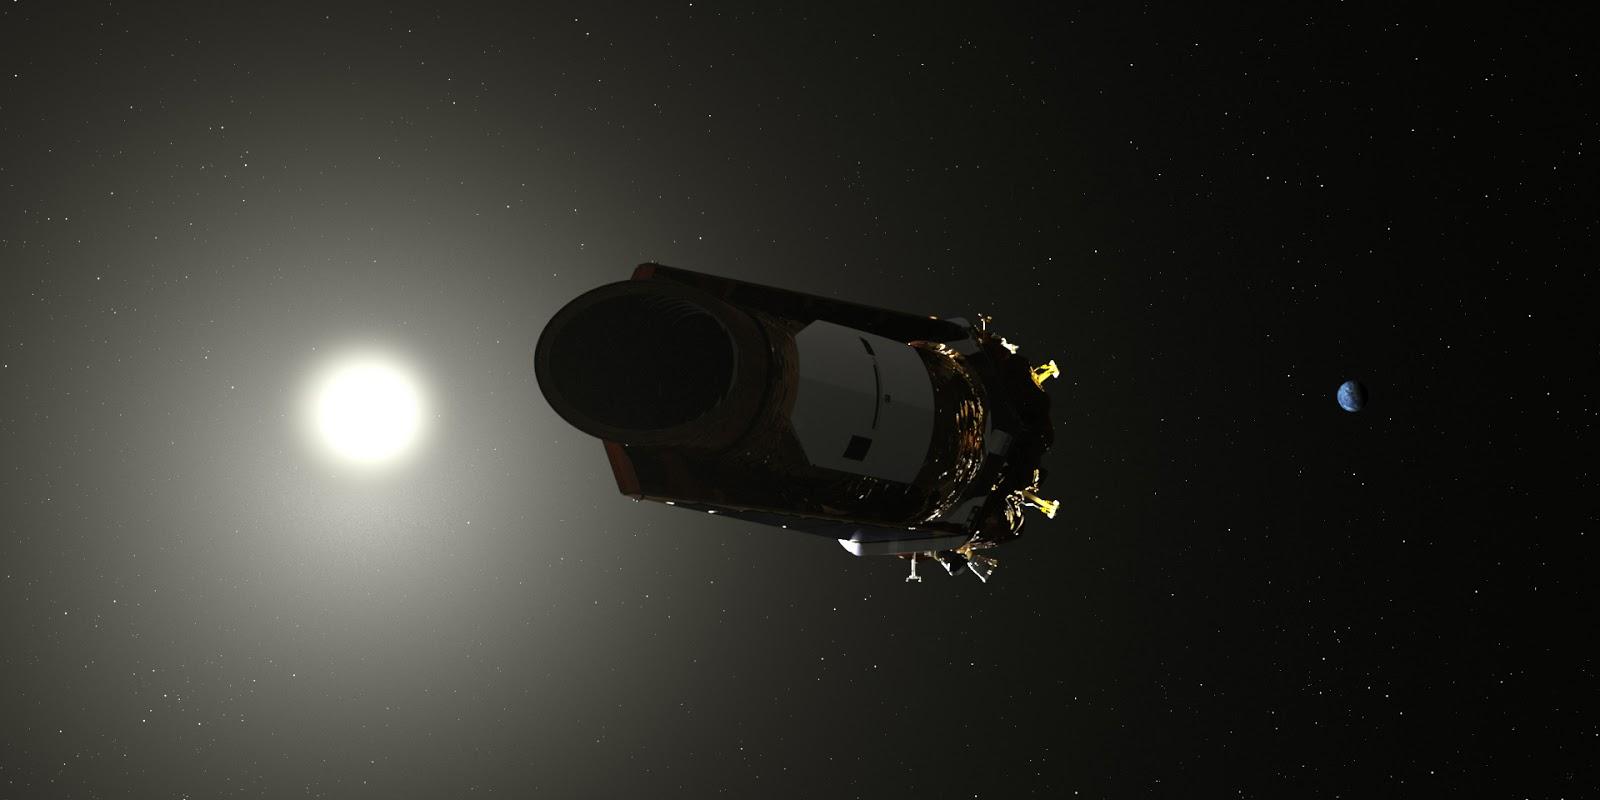 kepler spacecraft images